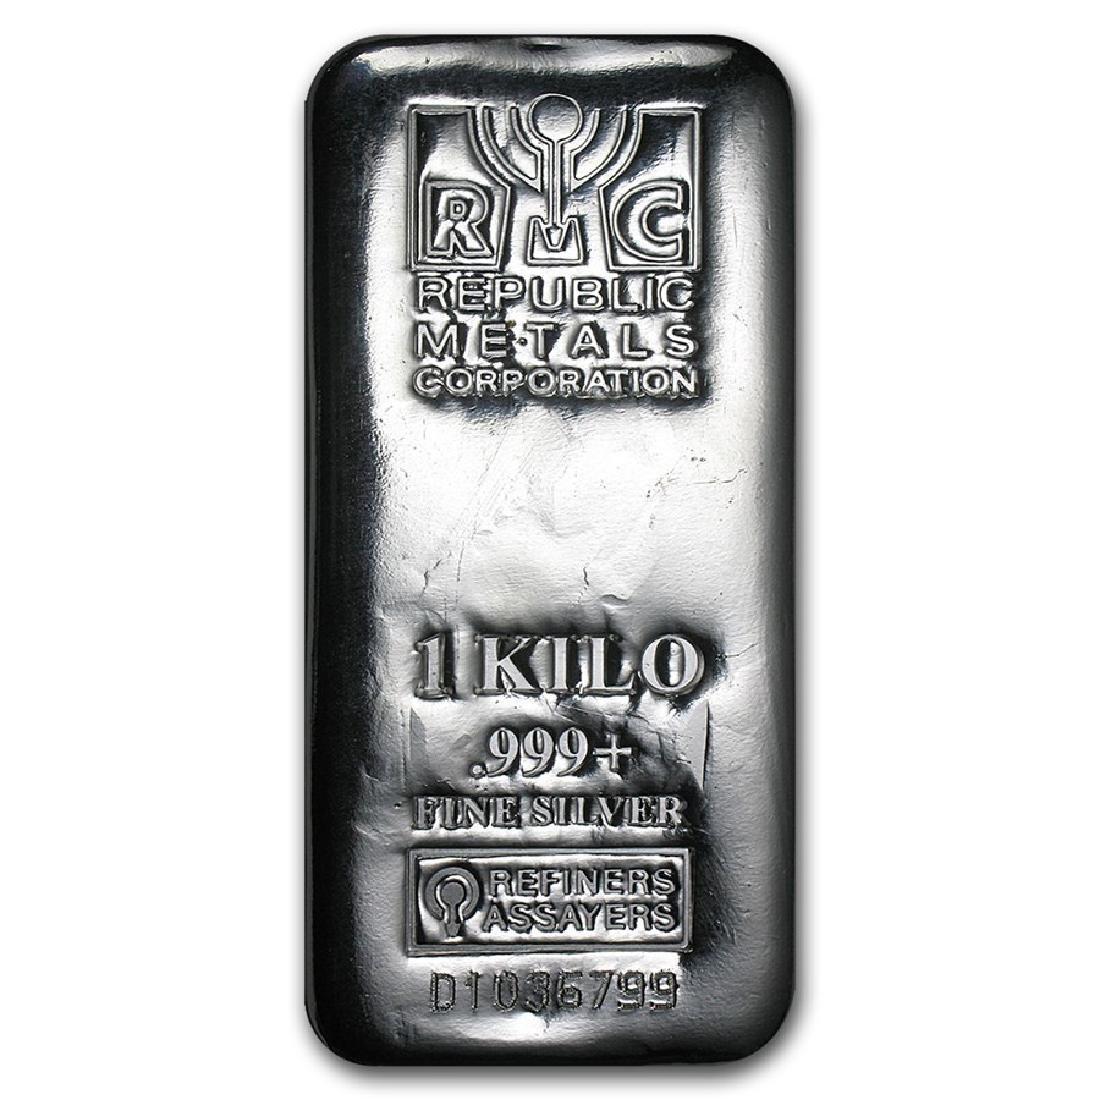 Genuine 1 kilo 0.999 Fine Silver Bar - Republic Metals